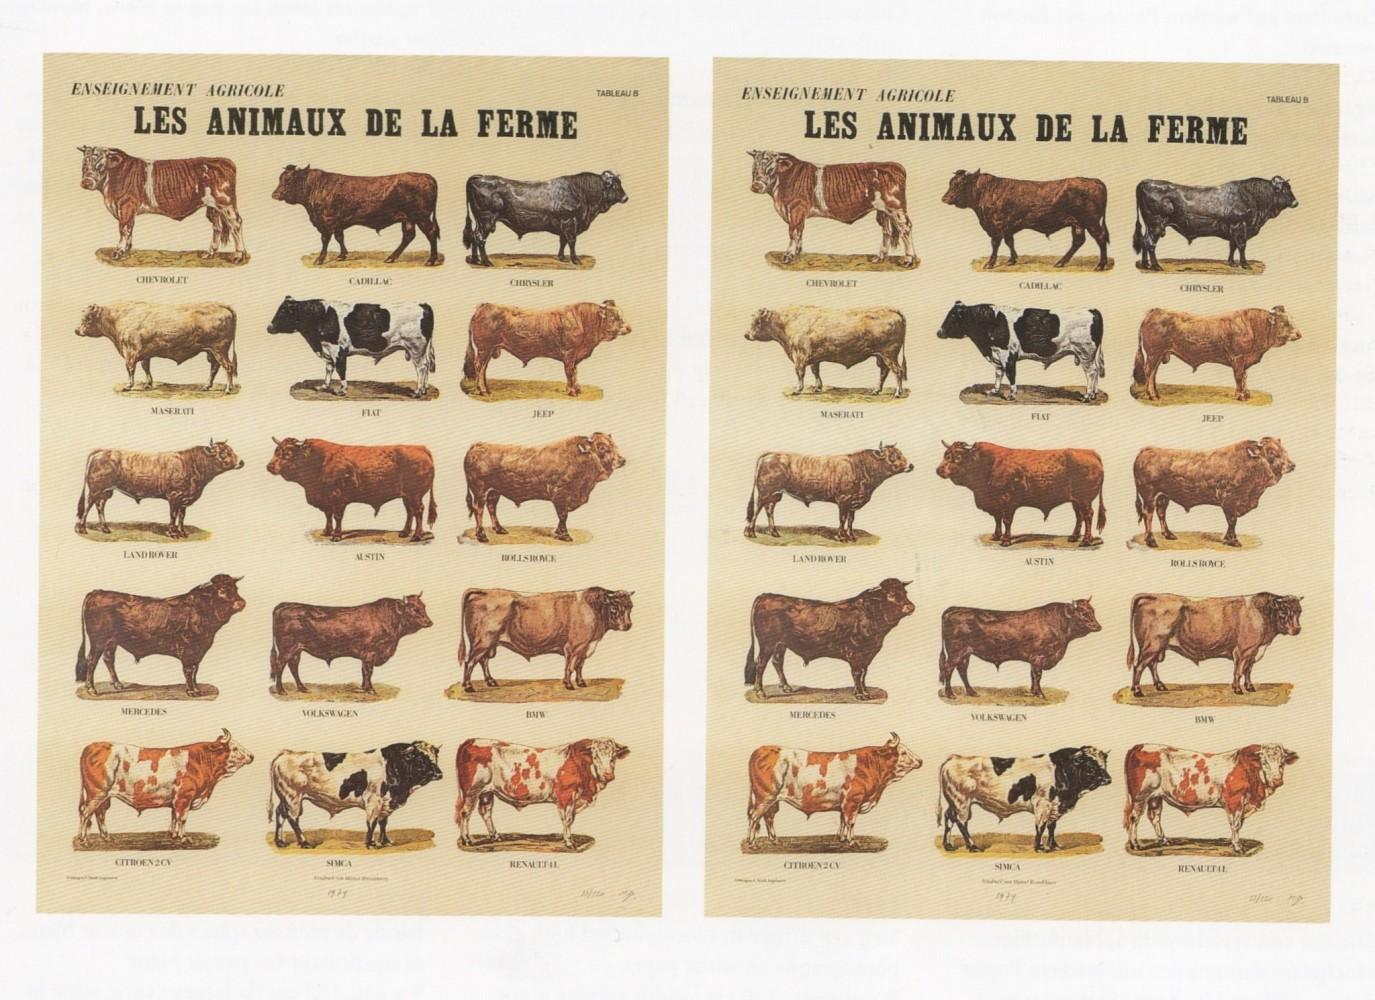 <div class=&#34;artist&#34;><strong>Marcel BROODTHAERS</strong></div> 1924 - 1976 <div class=&#34;title&#34;><em>Les animaux de la ferme</em>, 1974</div> <div class=&#34;signed_and_dated&#34;>Signed and numbered</div> <div class=&#34;medium&#34;>Two sheets in offset colour print Schoeller-Parole paper</div> <div class=&#34;dimensions&#34;>82 x 60.3 cm</div> <div class=&#34;edition_details&#34;>Edition of 120</div>